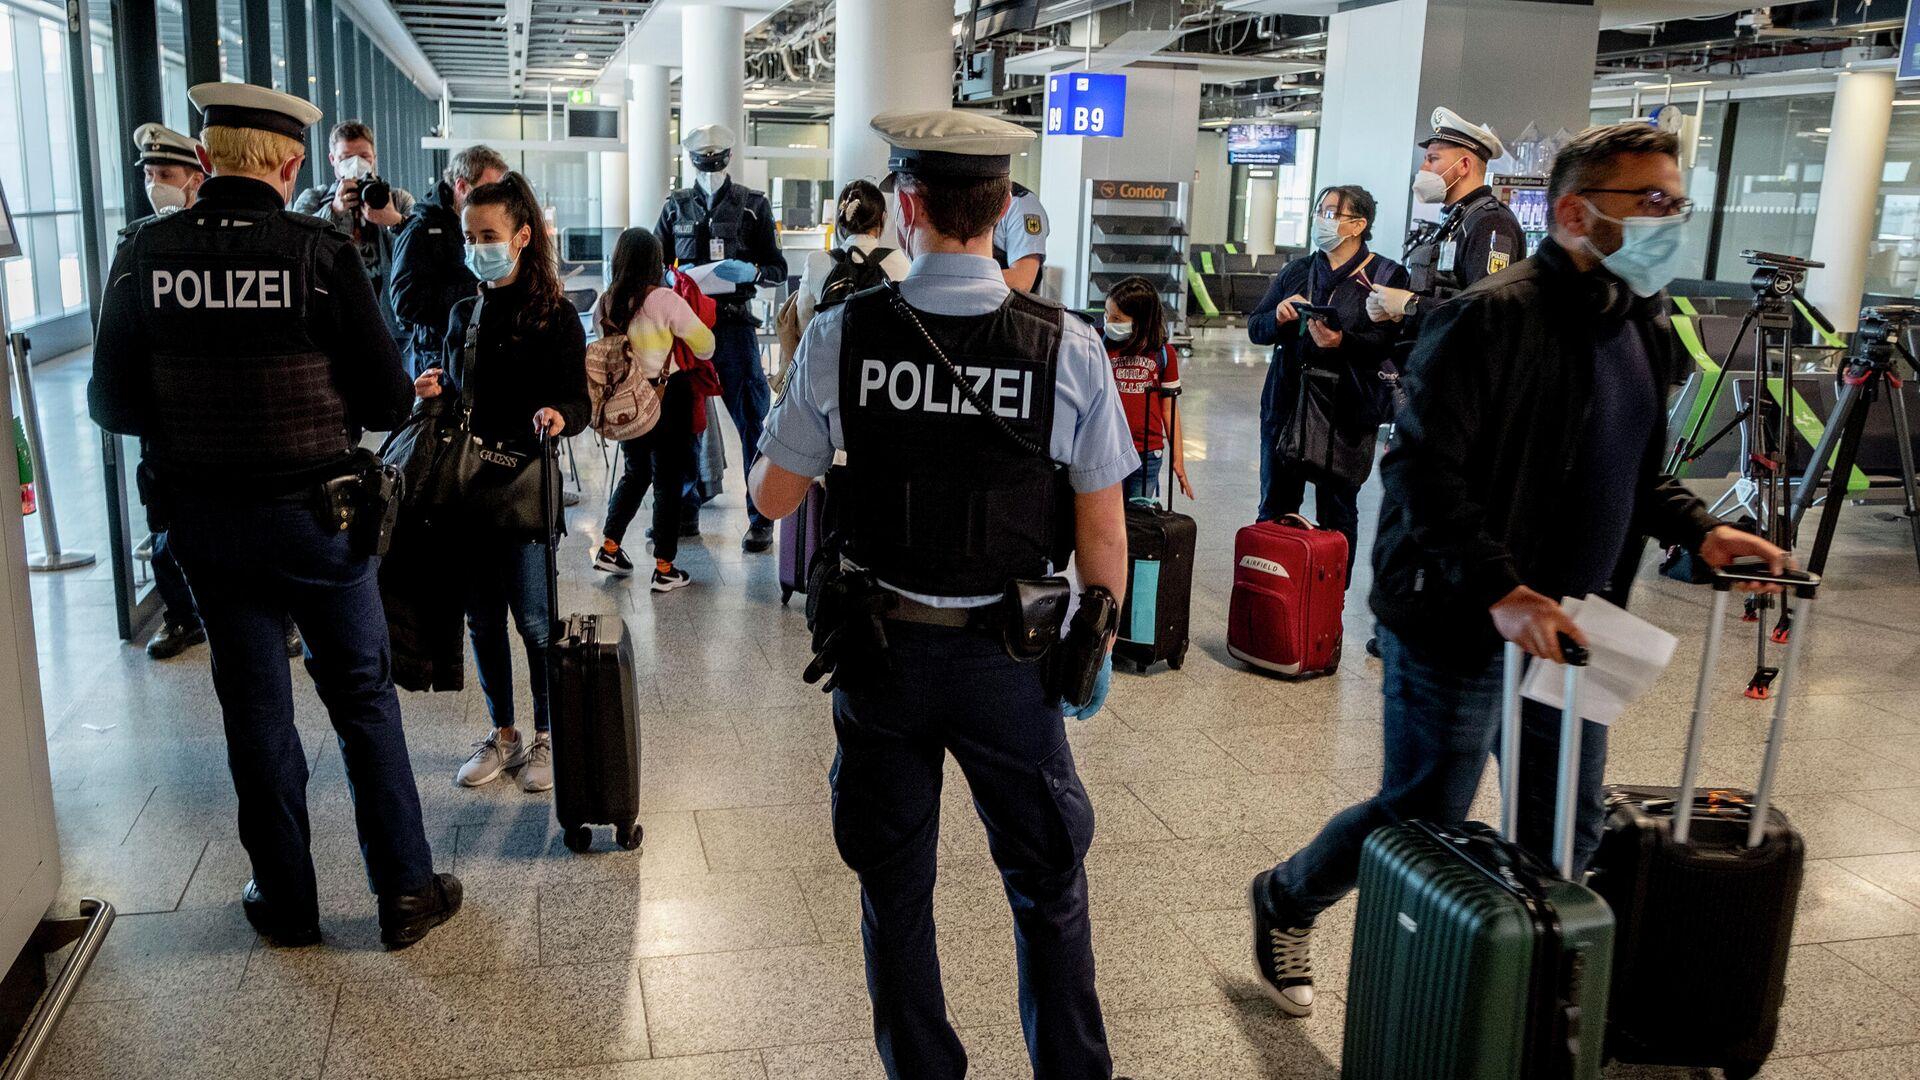 Сотрудники полиции проверяют наличие теста на коронавирус у прибывших пассажиров в аэропорту Франкфурта, Германия - РИА Новости, 1920, 12.07.2021